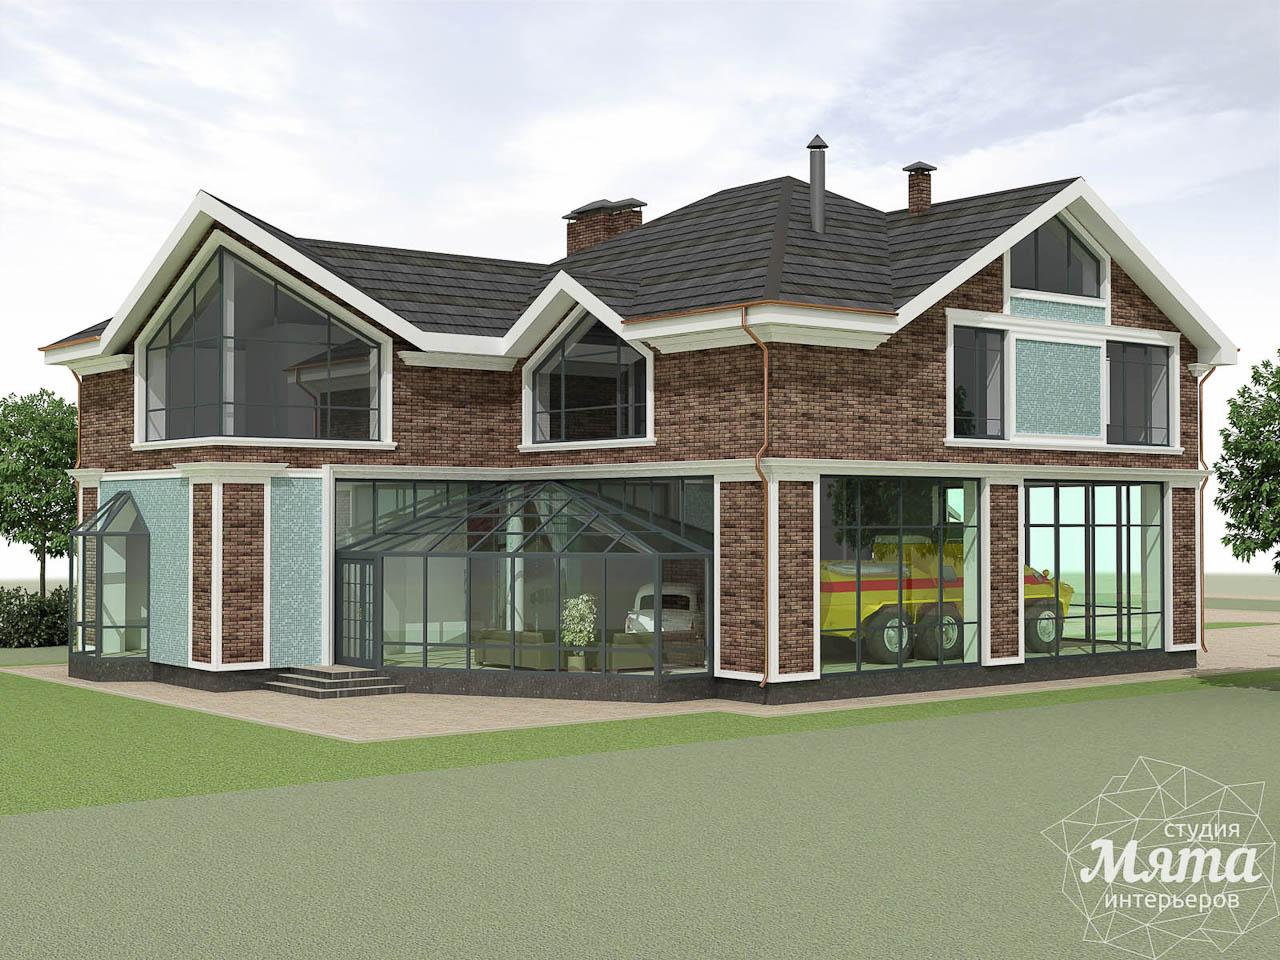 Дизайн фасада коттеджа в п. Палникс img1235315632